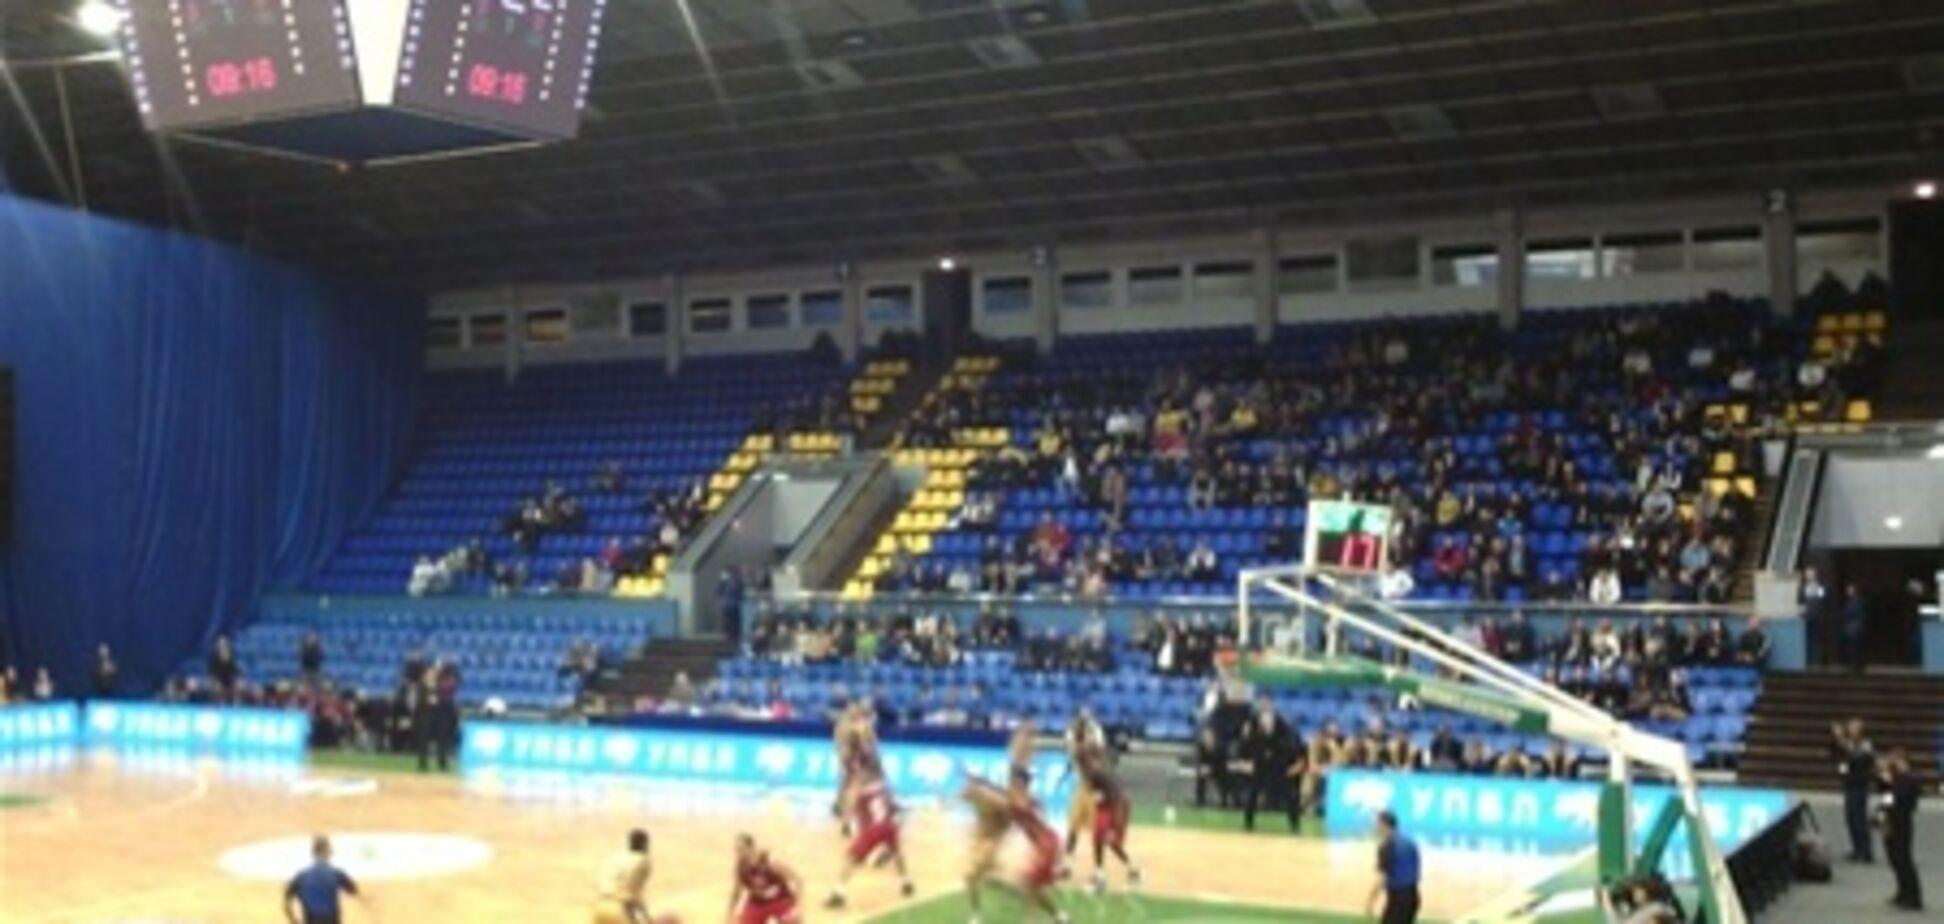 У Києві на баскетболі вболівальники кричали: 'Бий жидів!'